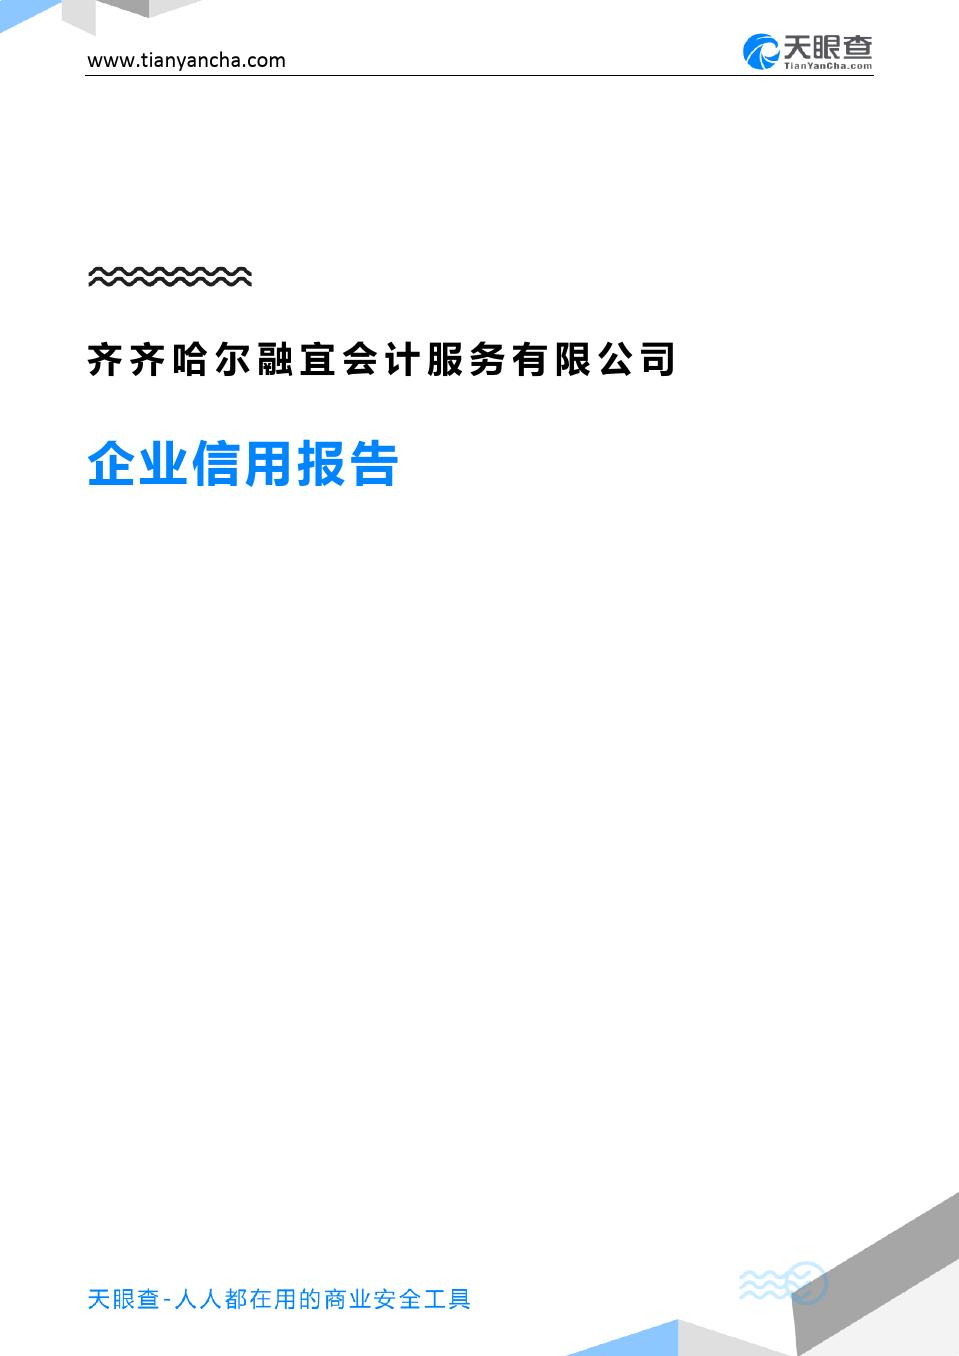 齐齐哈尔融宜会计服务有限公司企业信用报告-天眼查